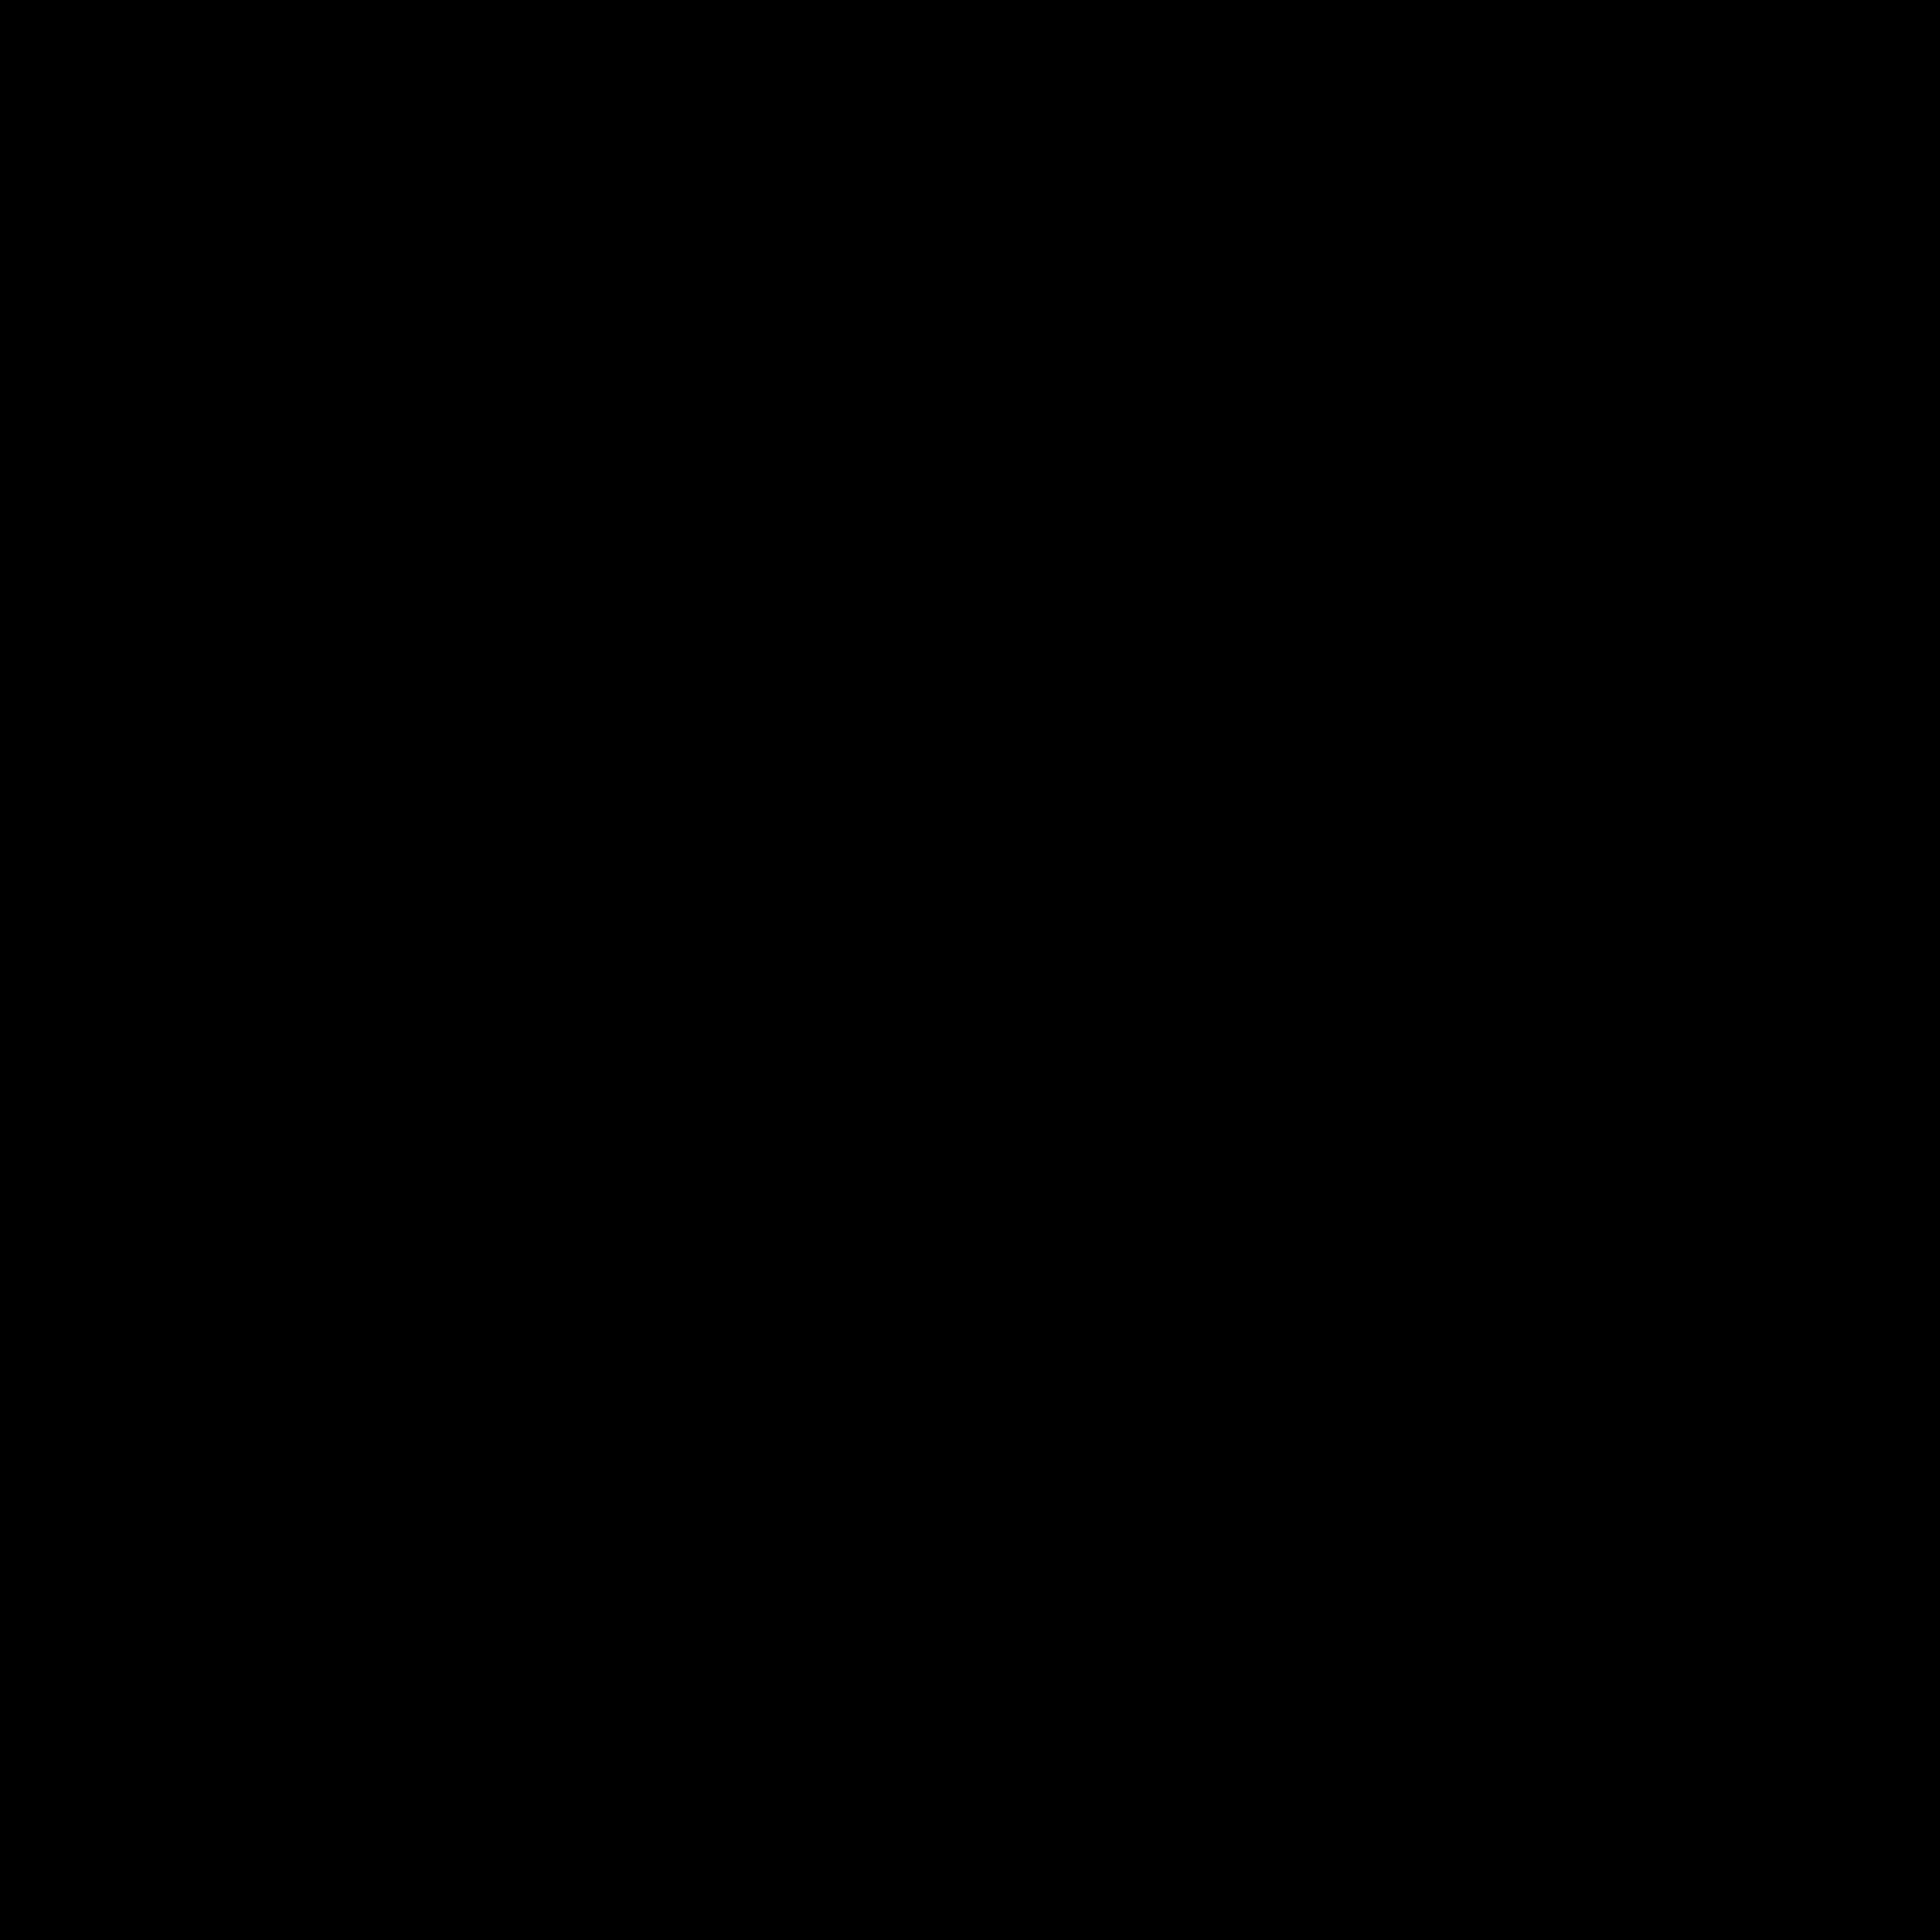 Jiji-Cars45 Elvaridah